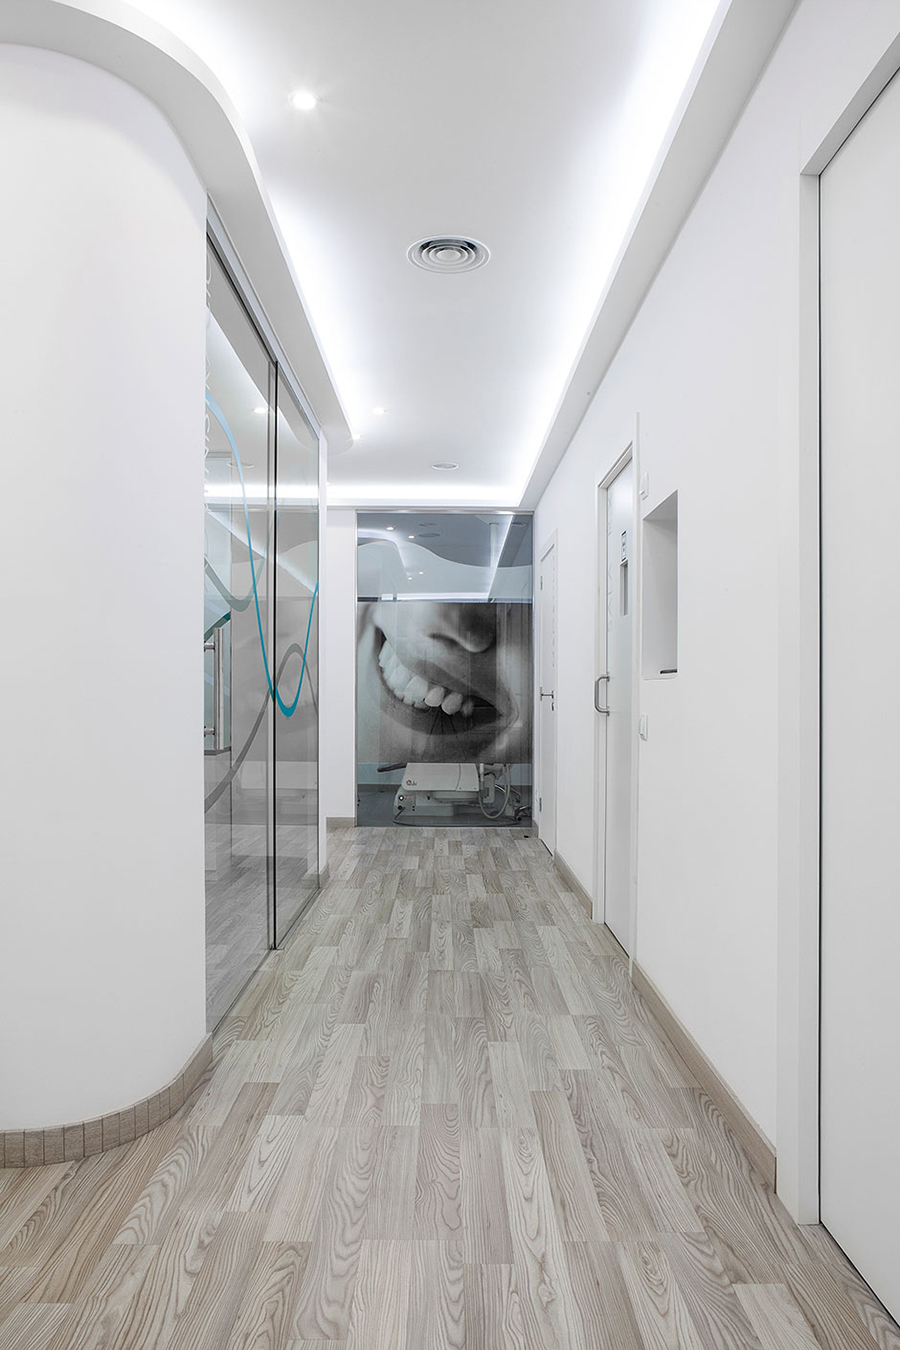 Cl nica dental en barcelona los mejores tratamientos - Disenos clinicas dentales ...